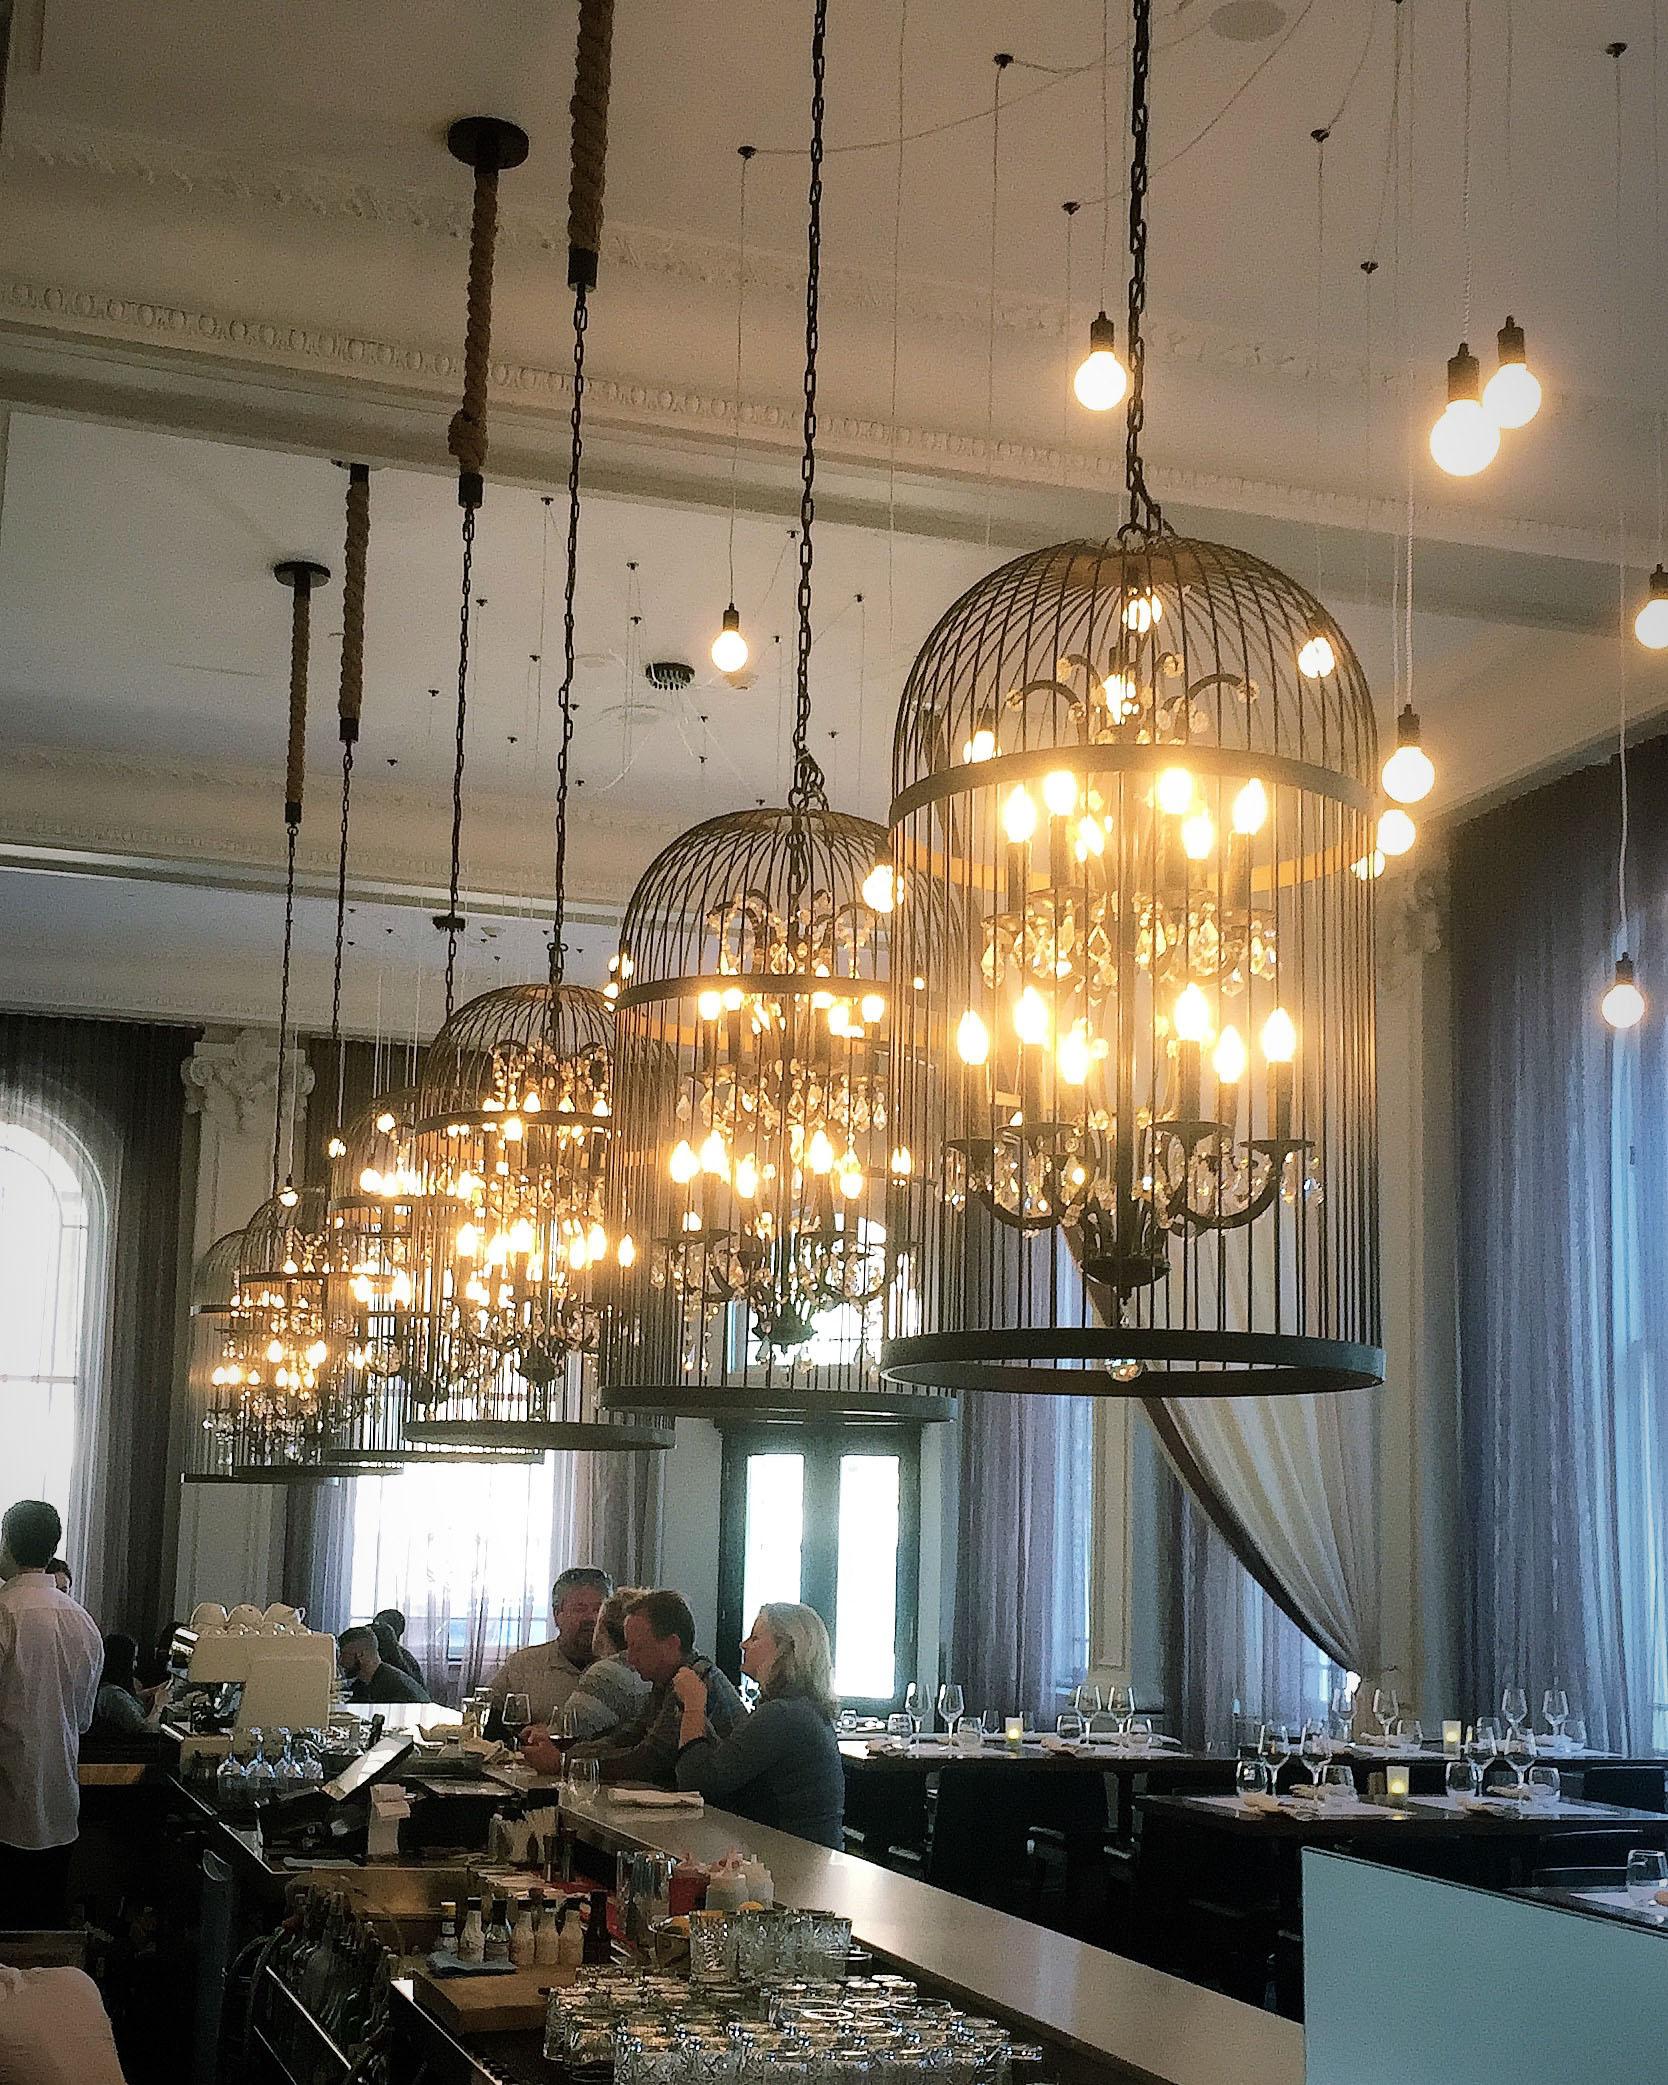 brasserie 701 things to eat in montreal 2018 gregsstyleguide.jpg